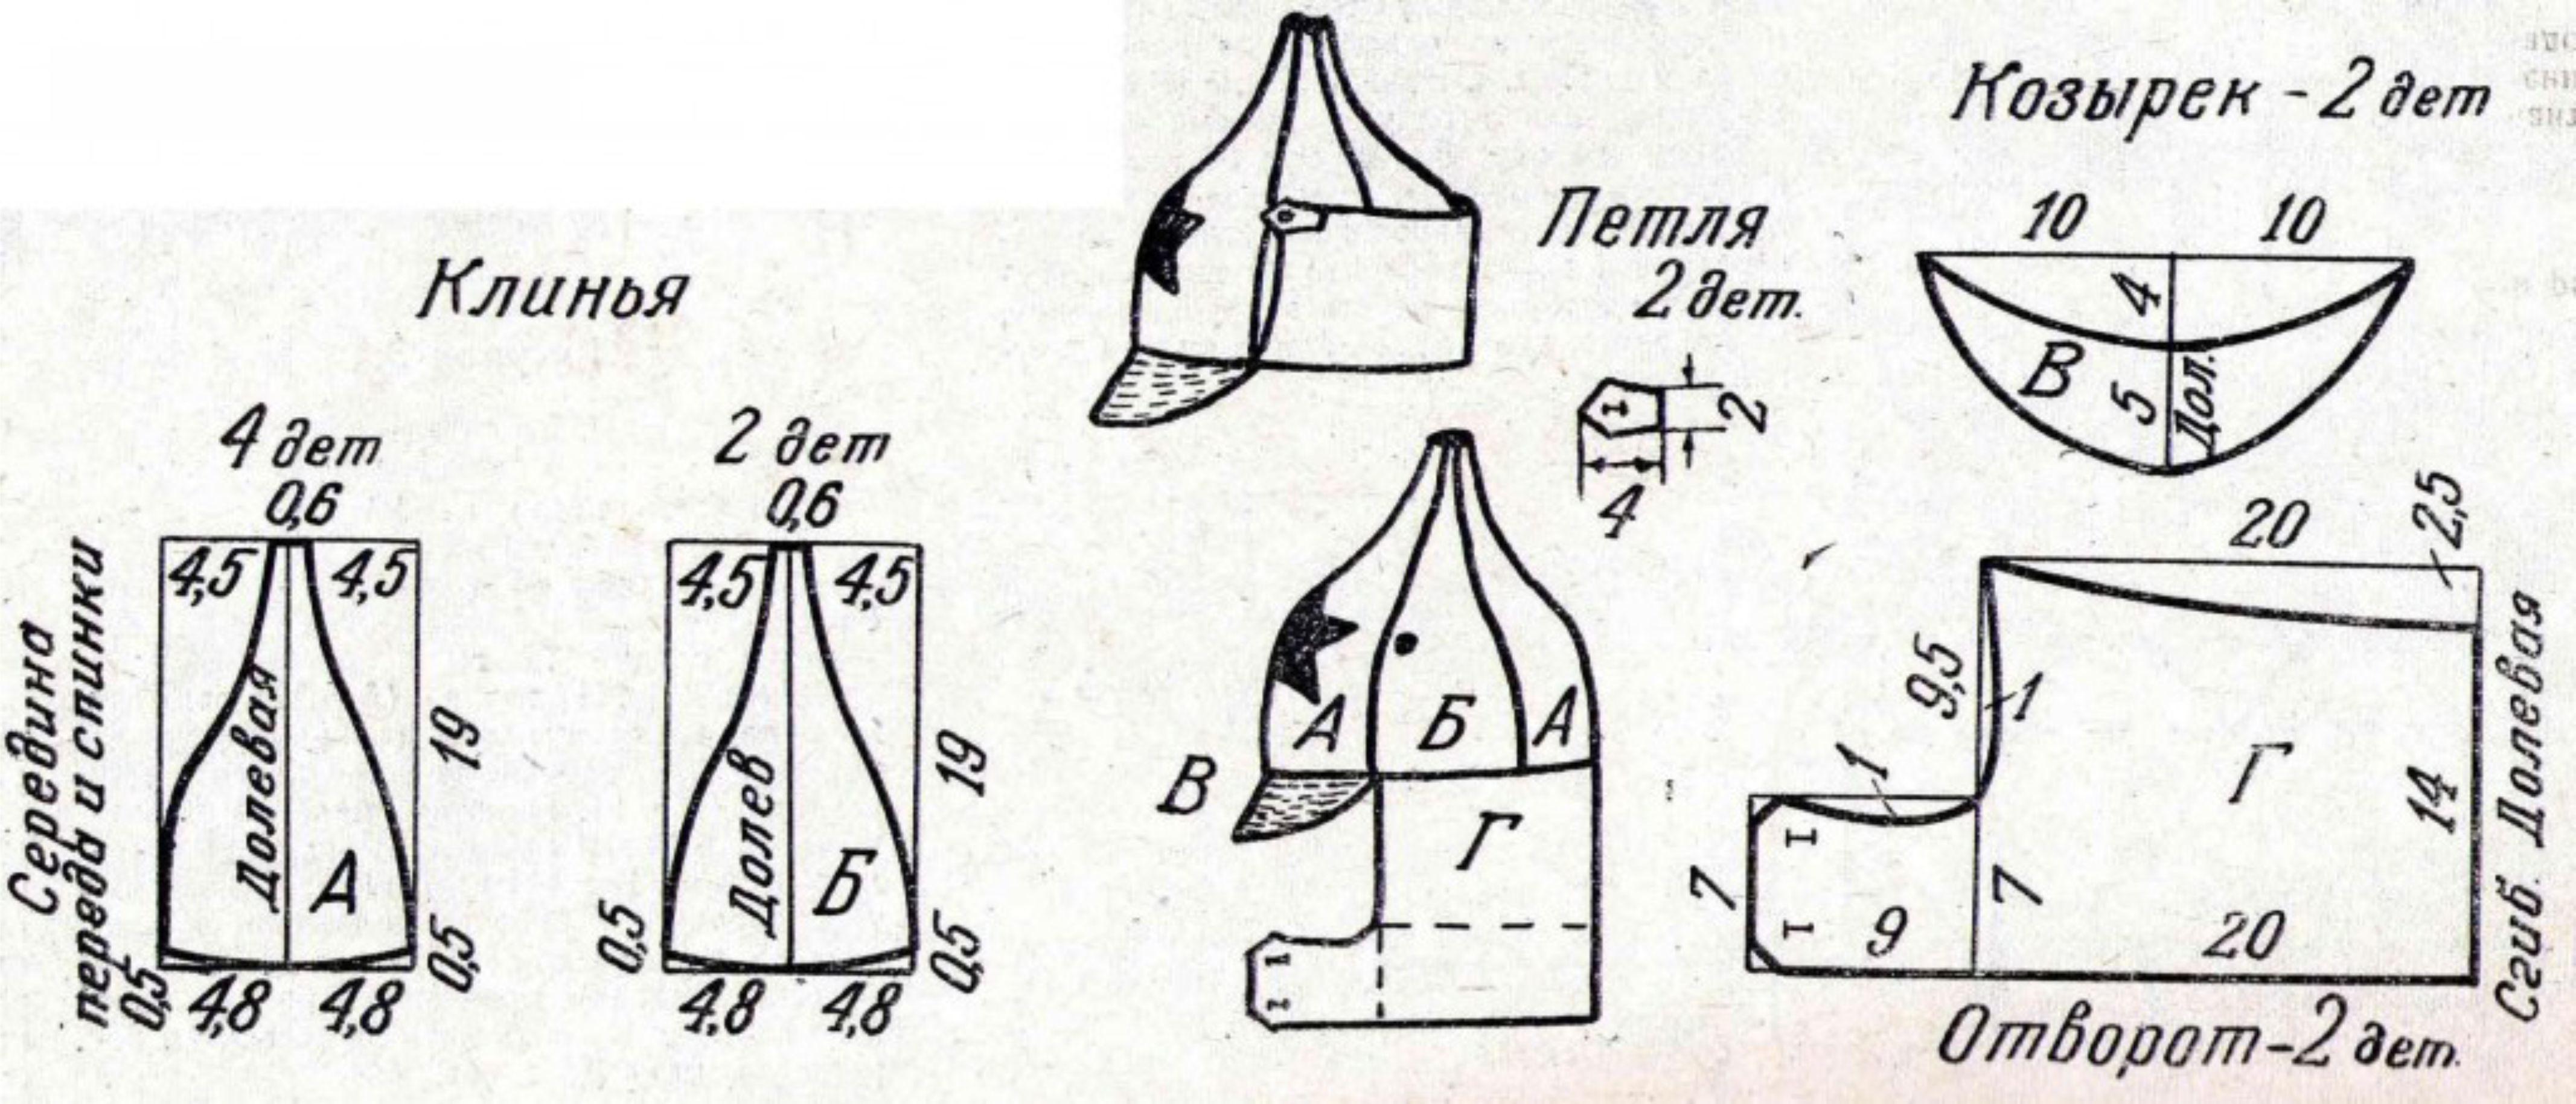 Как сшить шапку для бани своими руками - материал, выкройка. что на фото 11 уровень.